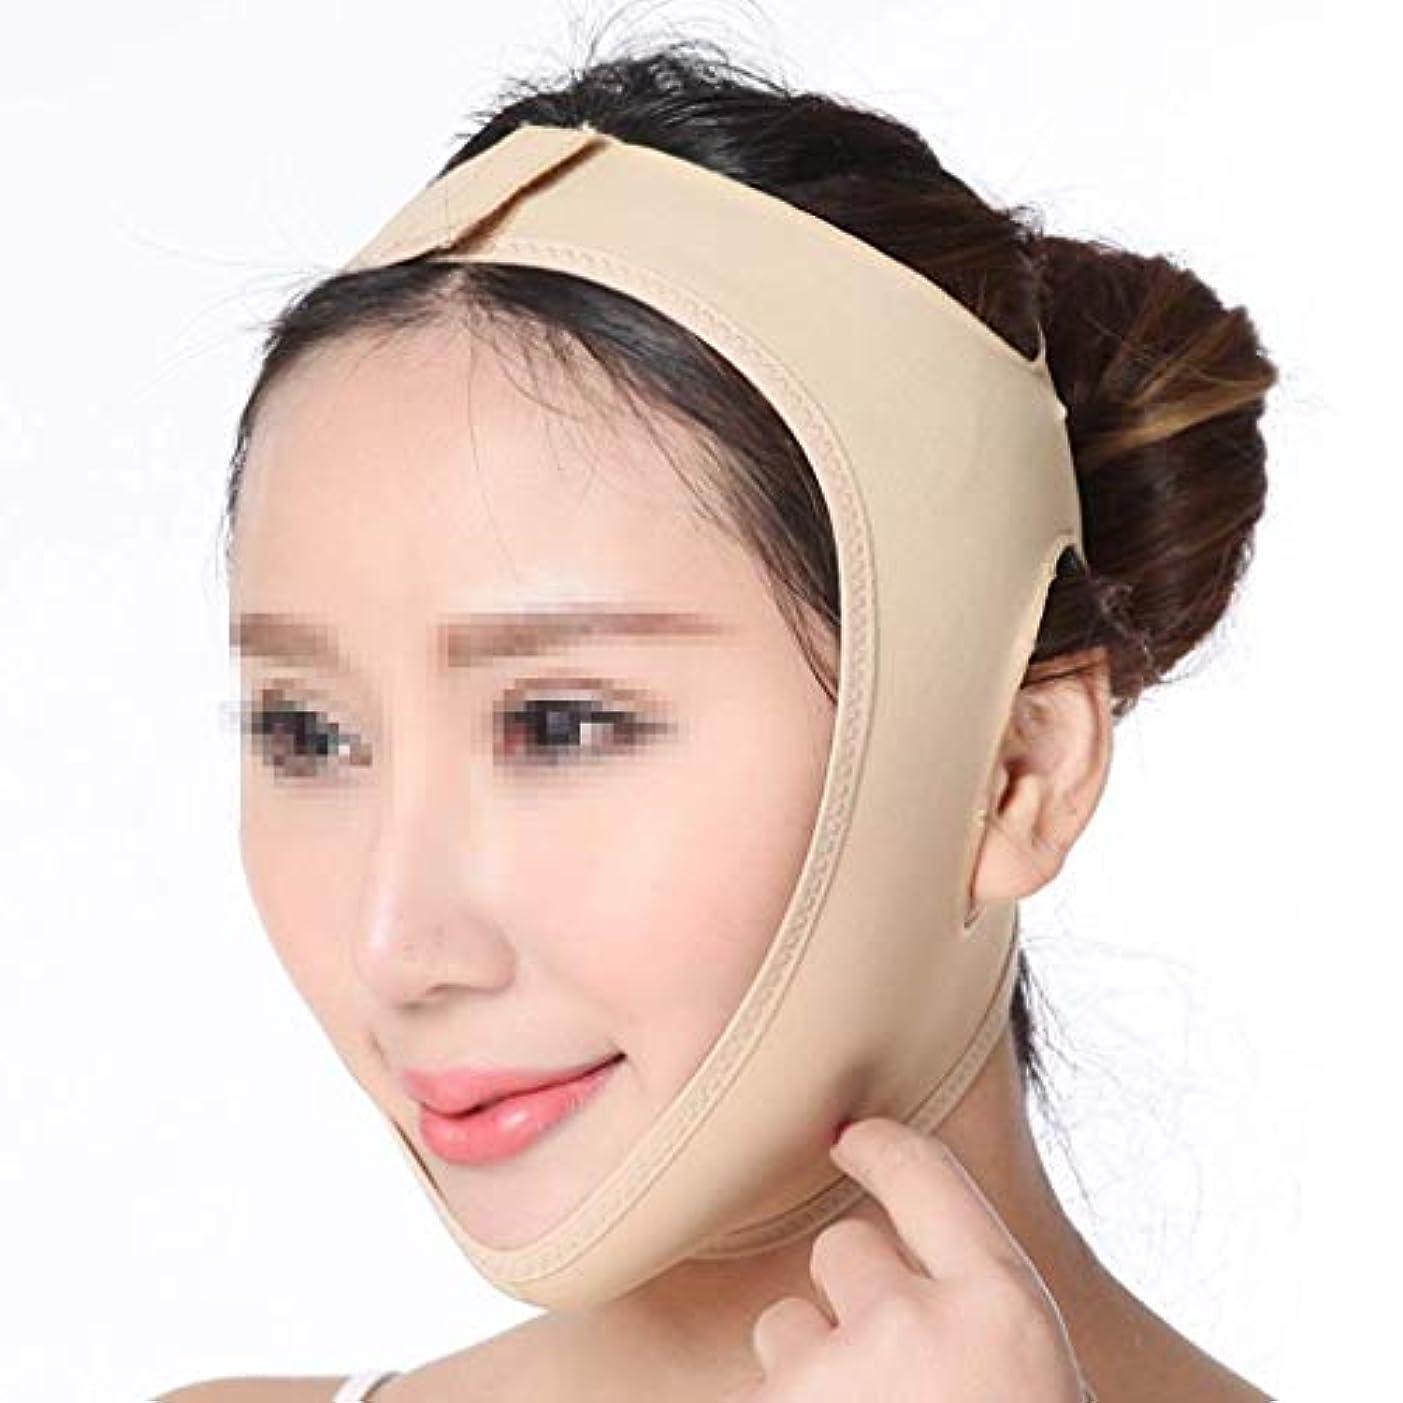 剪断相反するシリングビューティーマスク、回復後のラインカービングダブルチンフェイスリフトアーティファクトフェイススモールVフェイスインストゥルメントバンデージリフティングケアヘッドギア(サイズ:M)